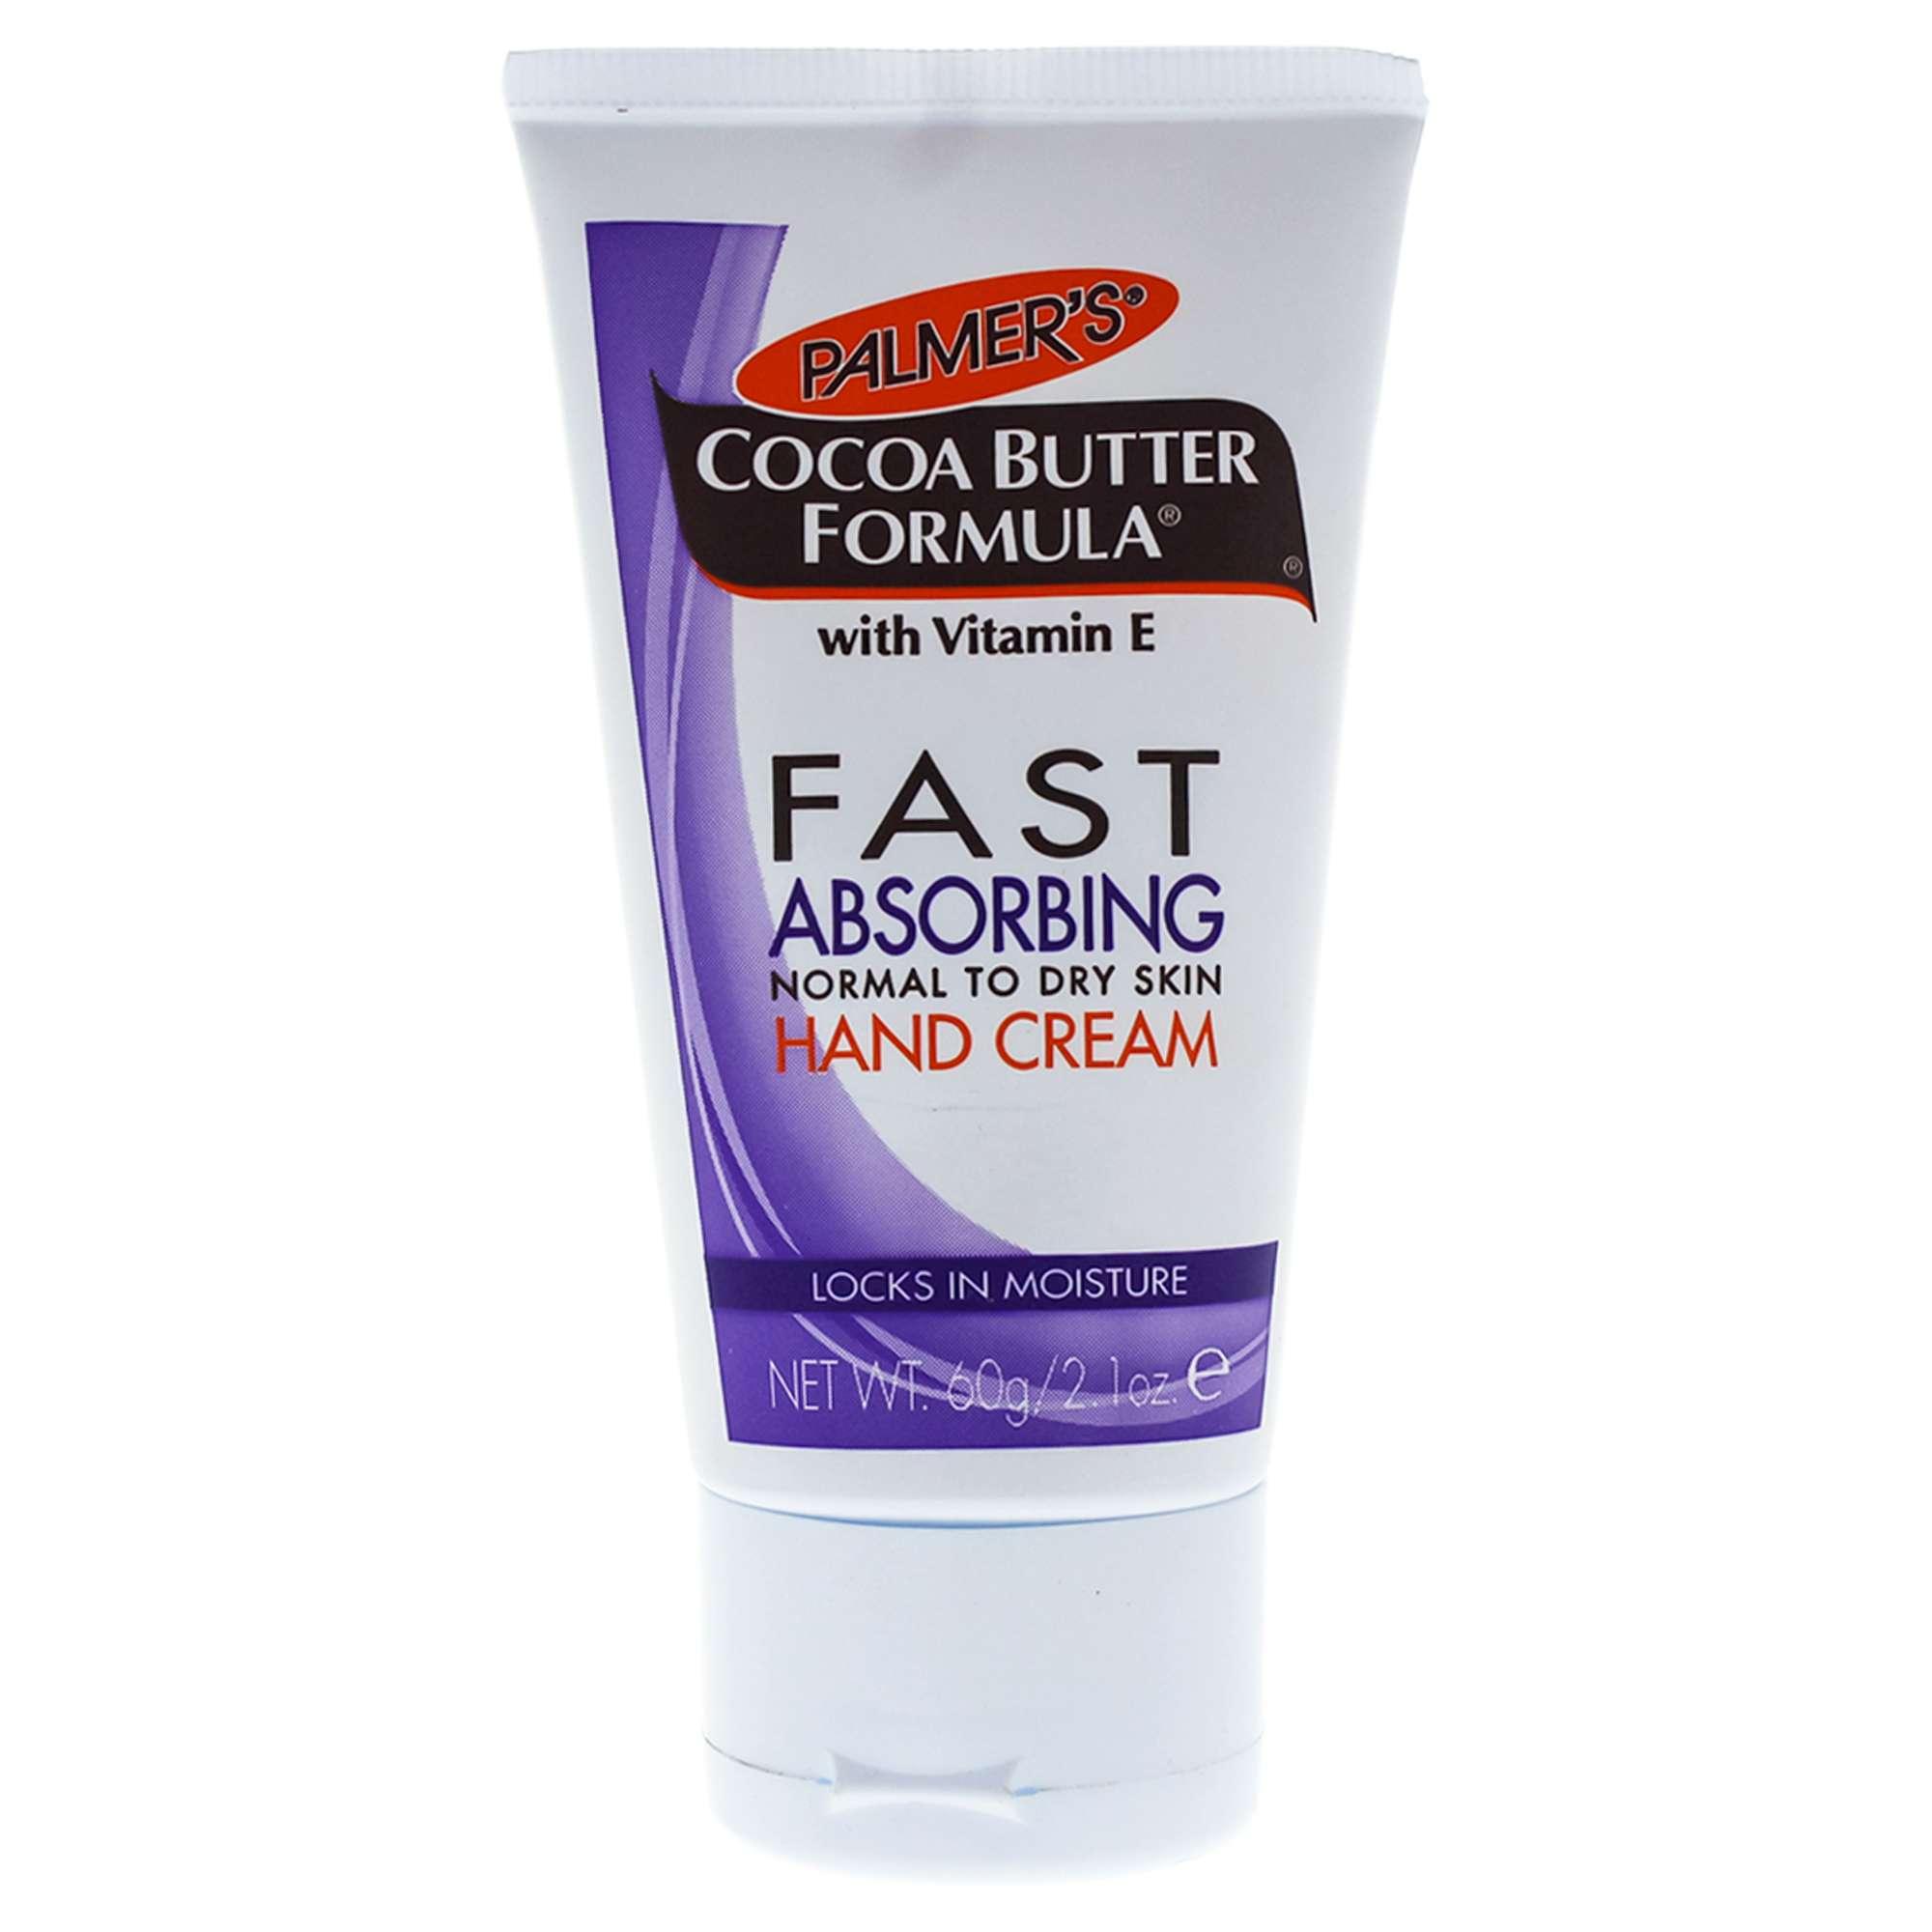 Palmer's Cocoa Butter Formula Hand Cream